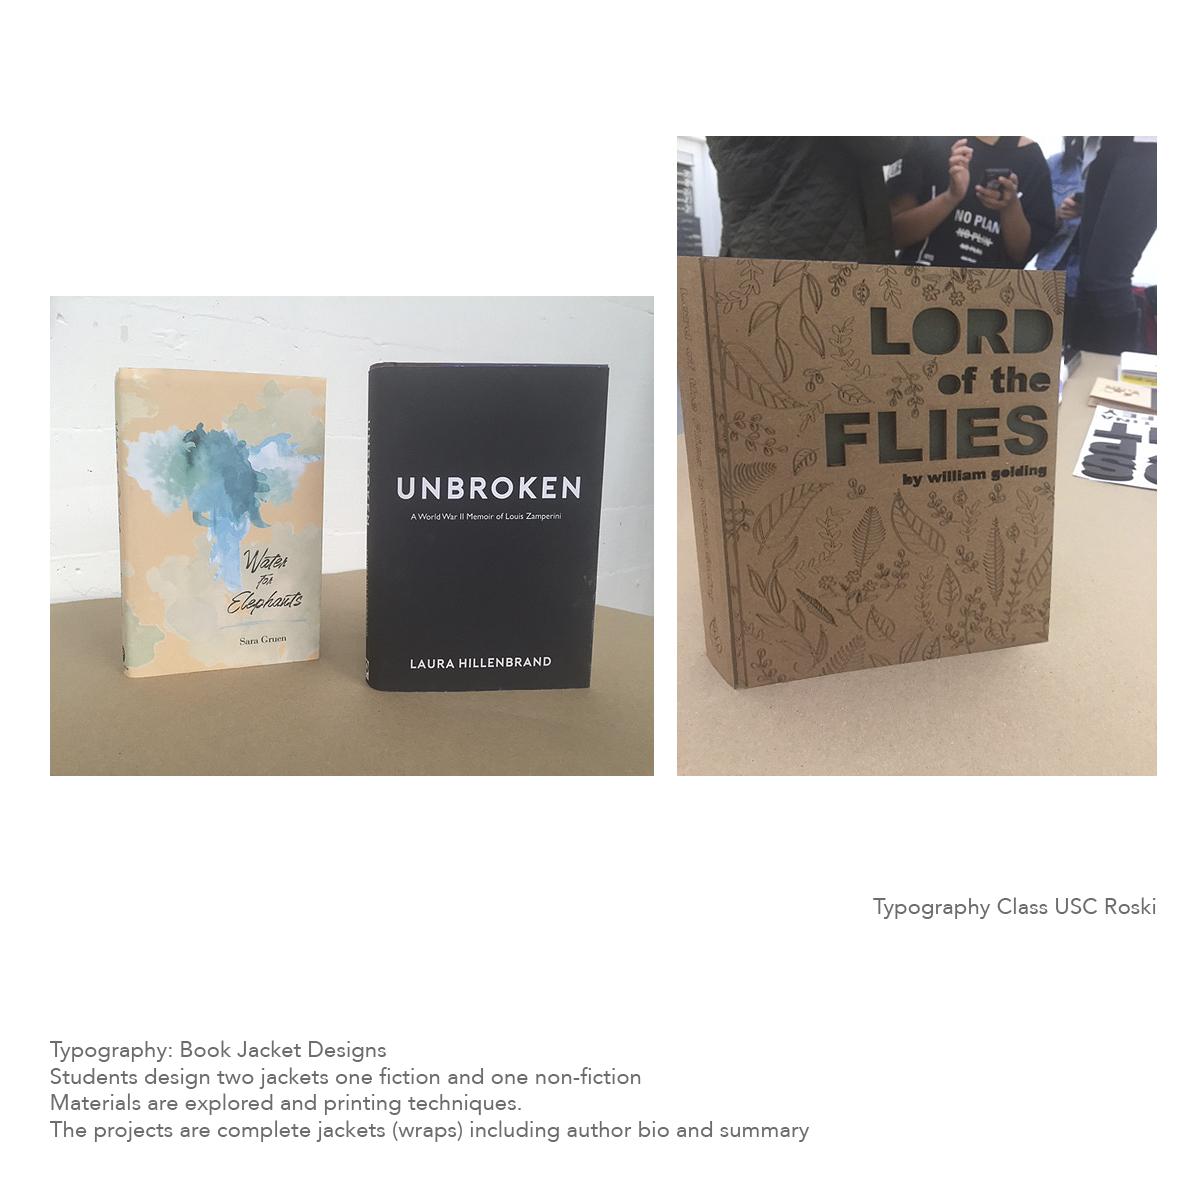 studentwork_Type2_bookjacket2.jpg